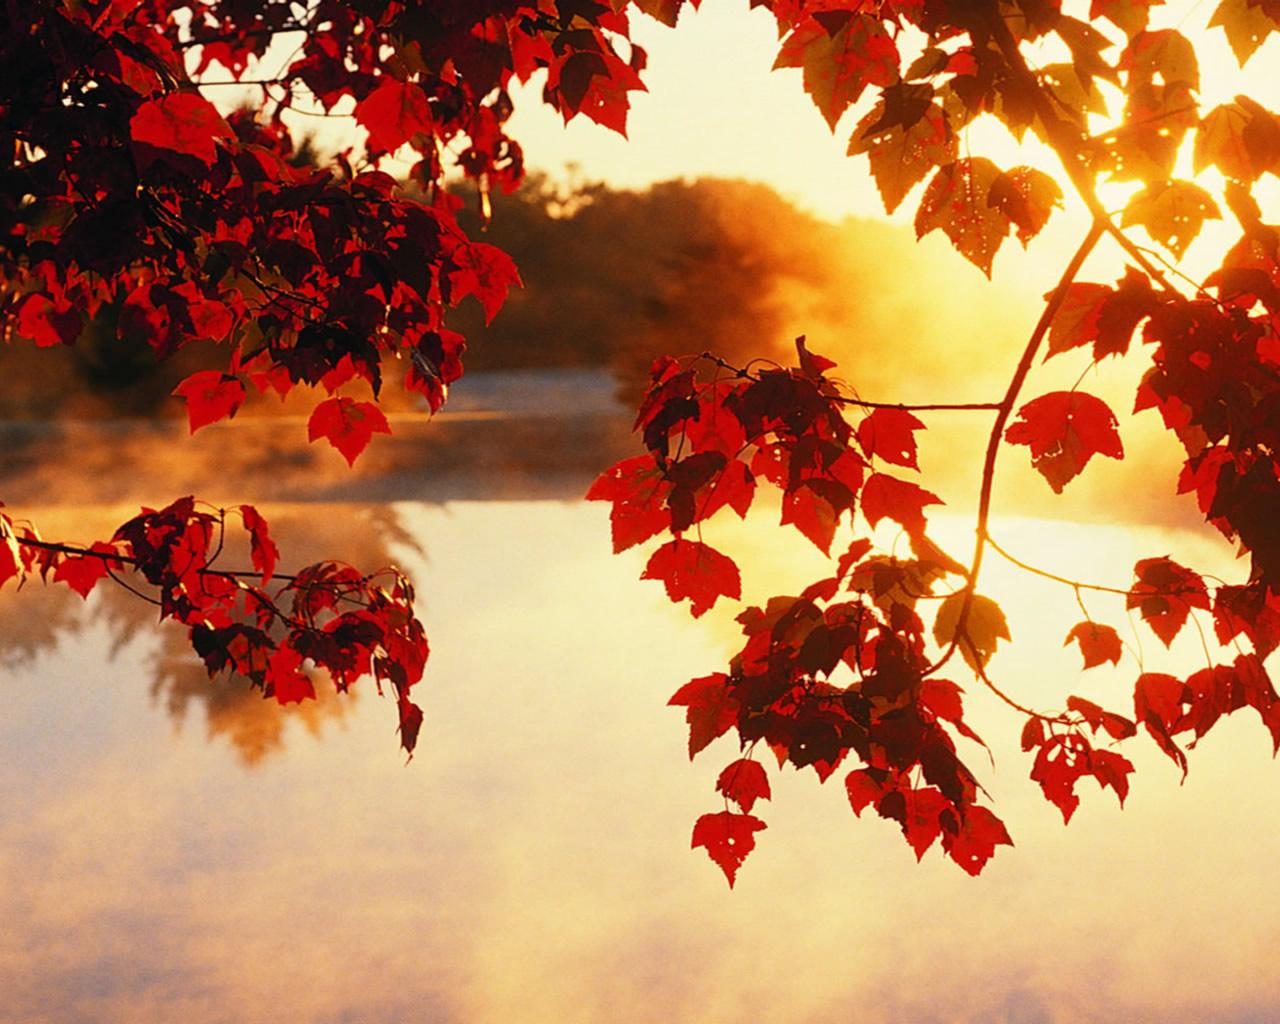 autumn-wallpaper-1280x1024-0912063